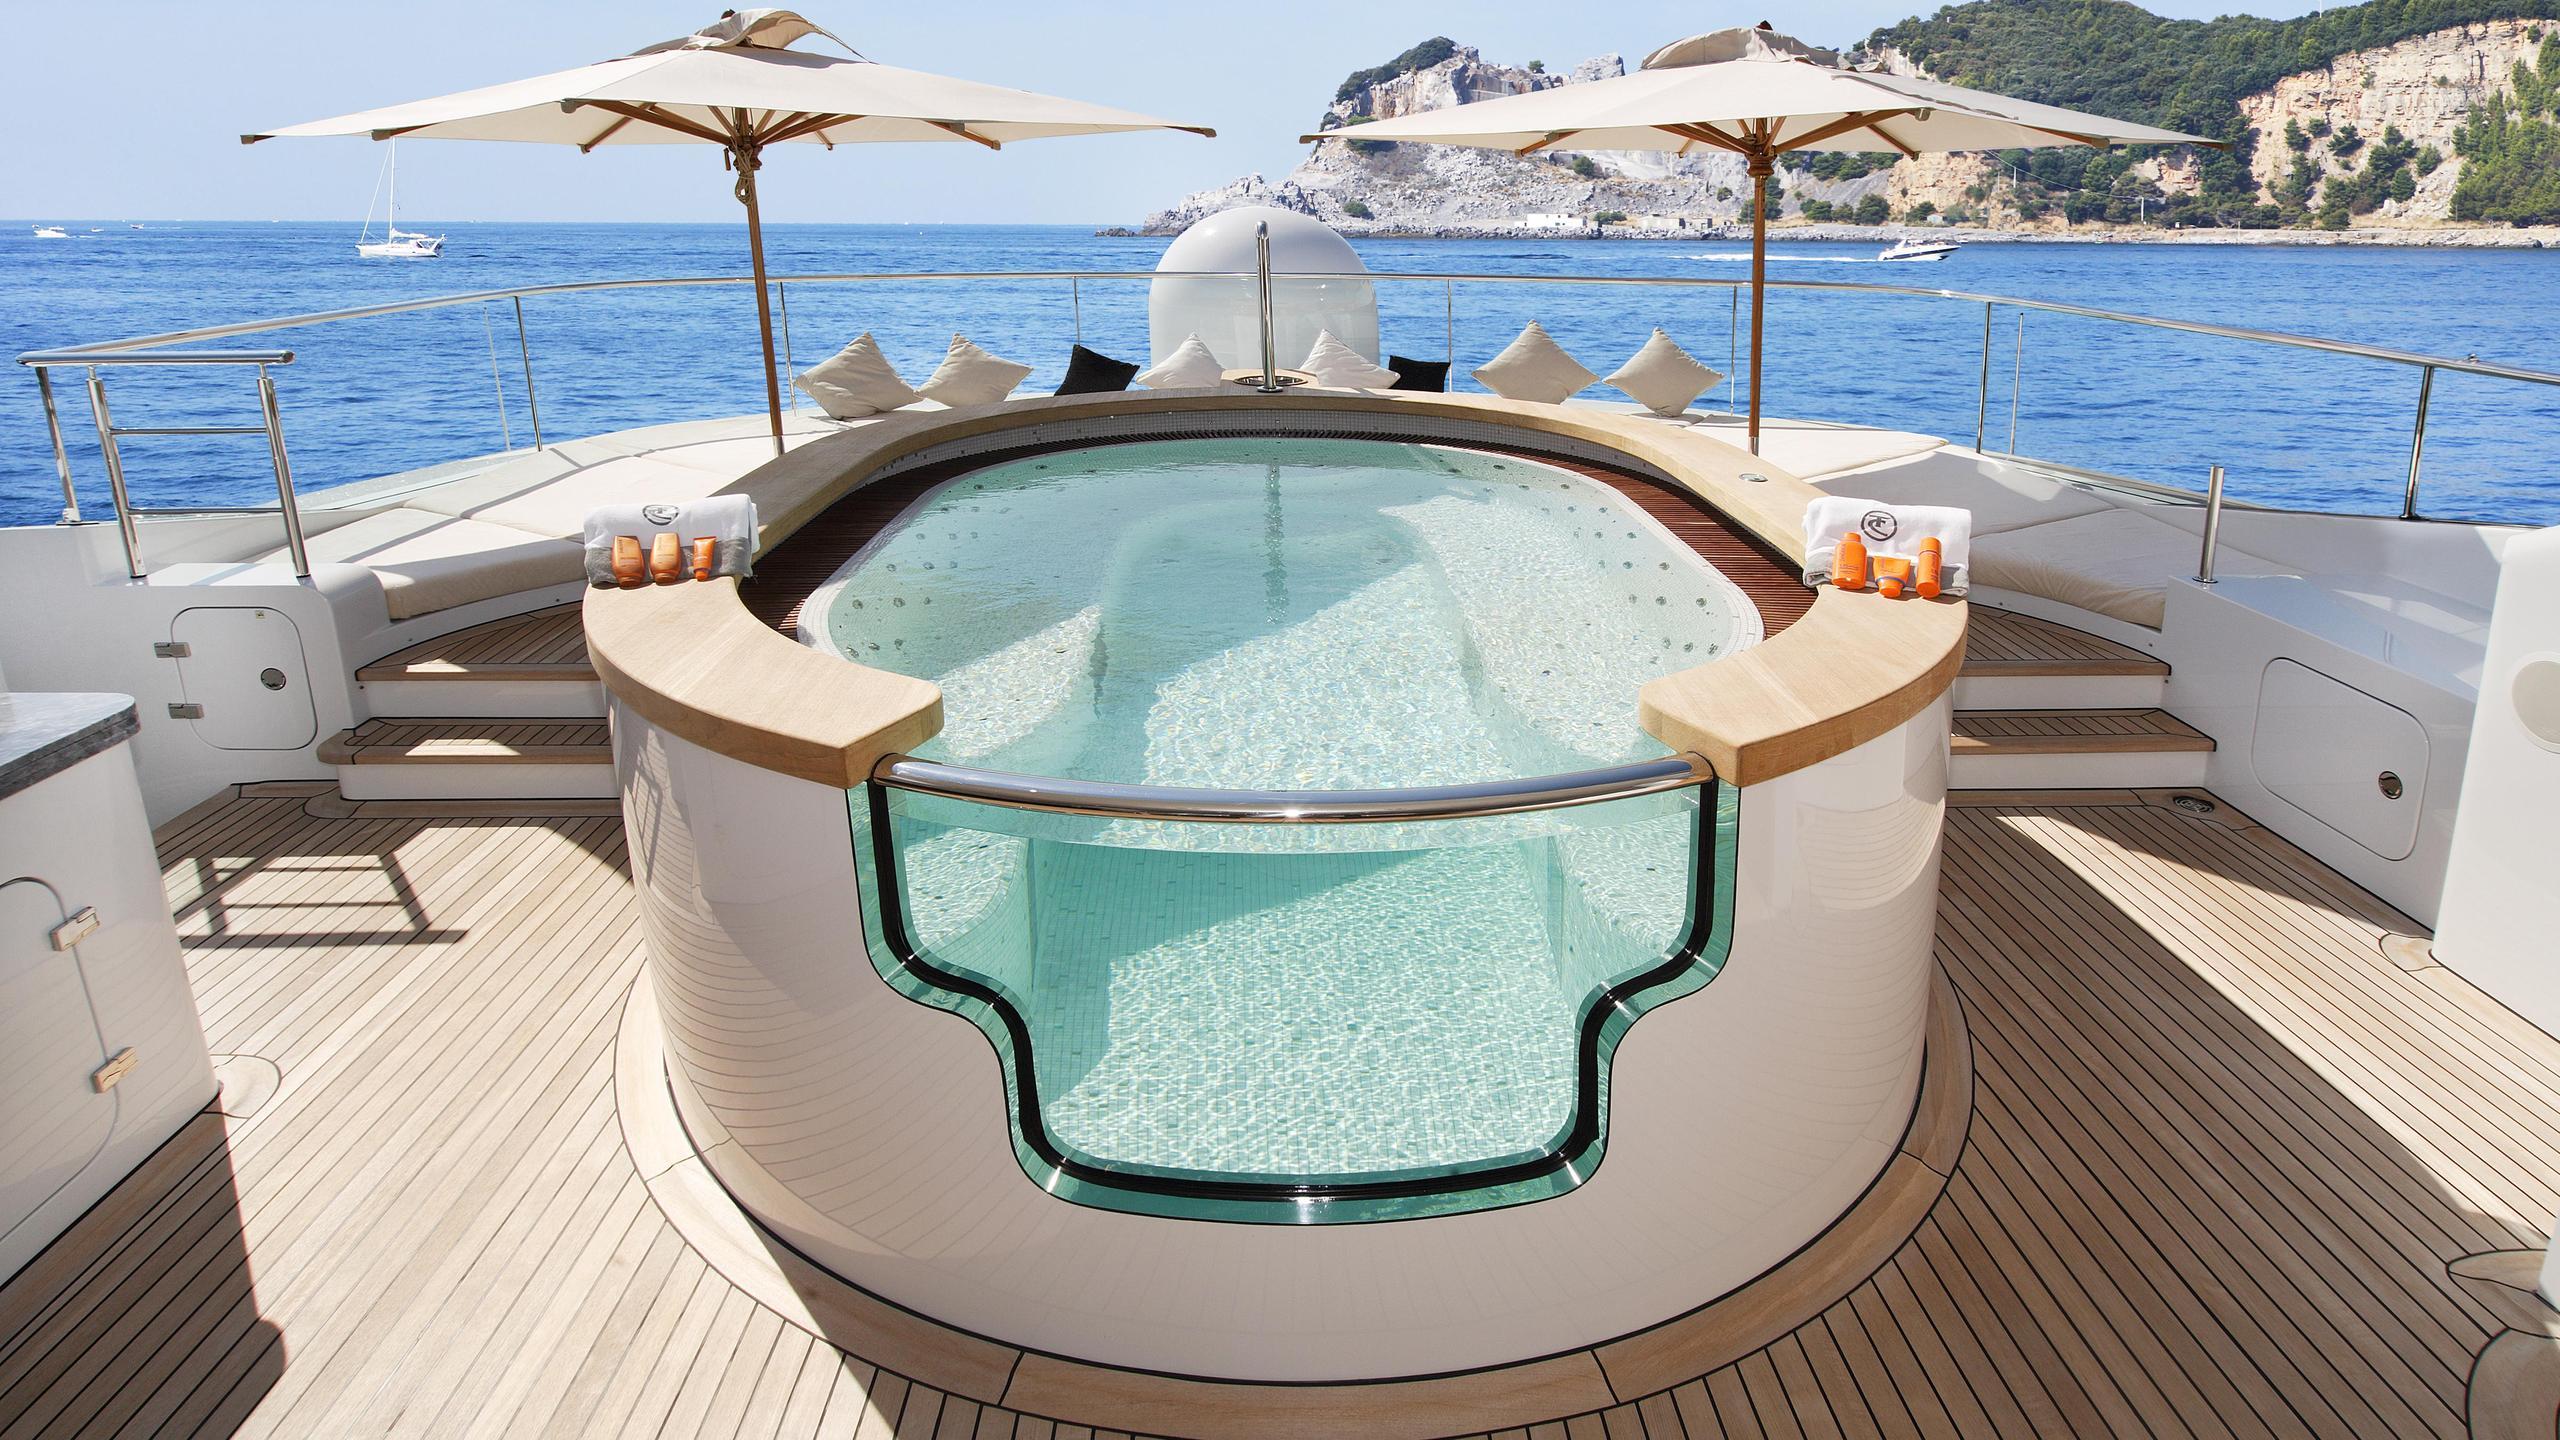 talisman-c-motor-yacht-Turquoise-2011-71m-profile-sundeck-jacuzzi